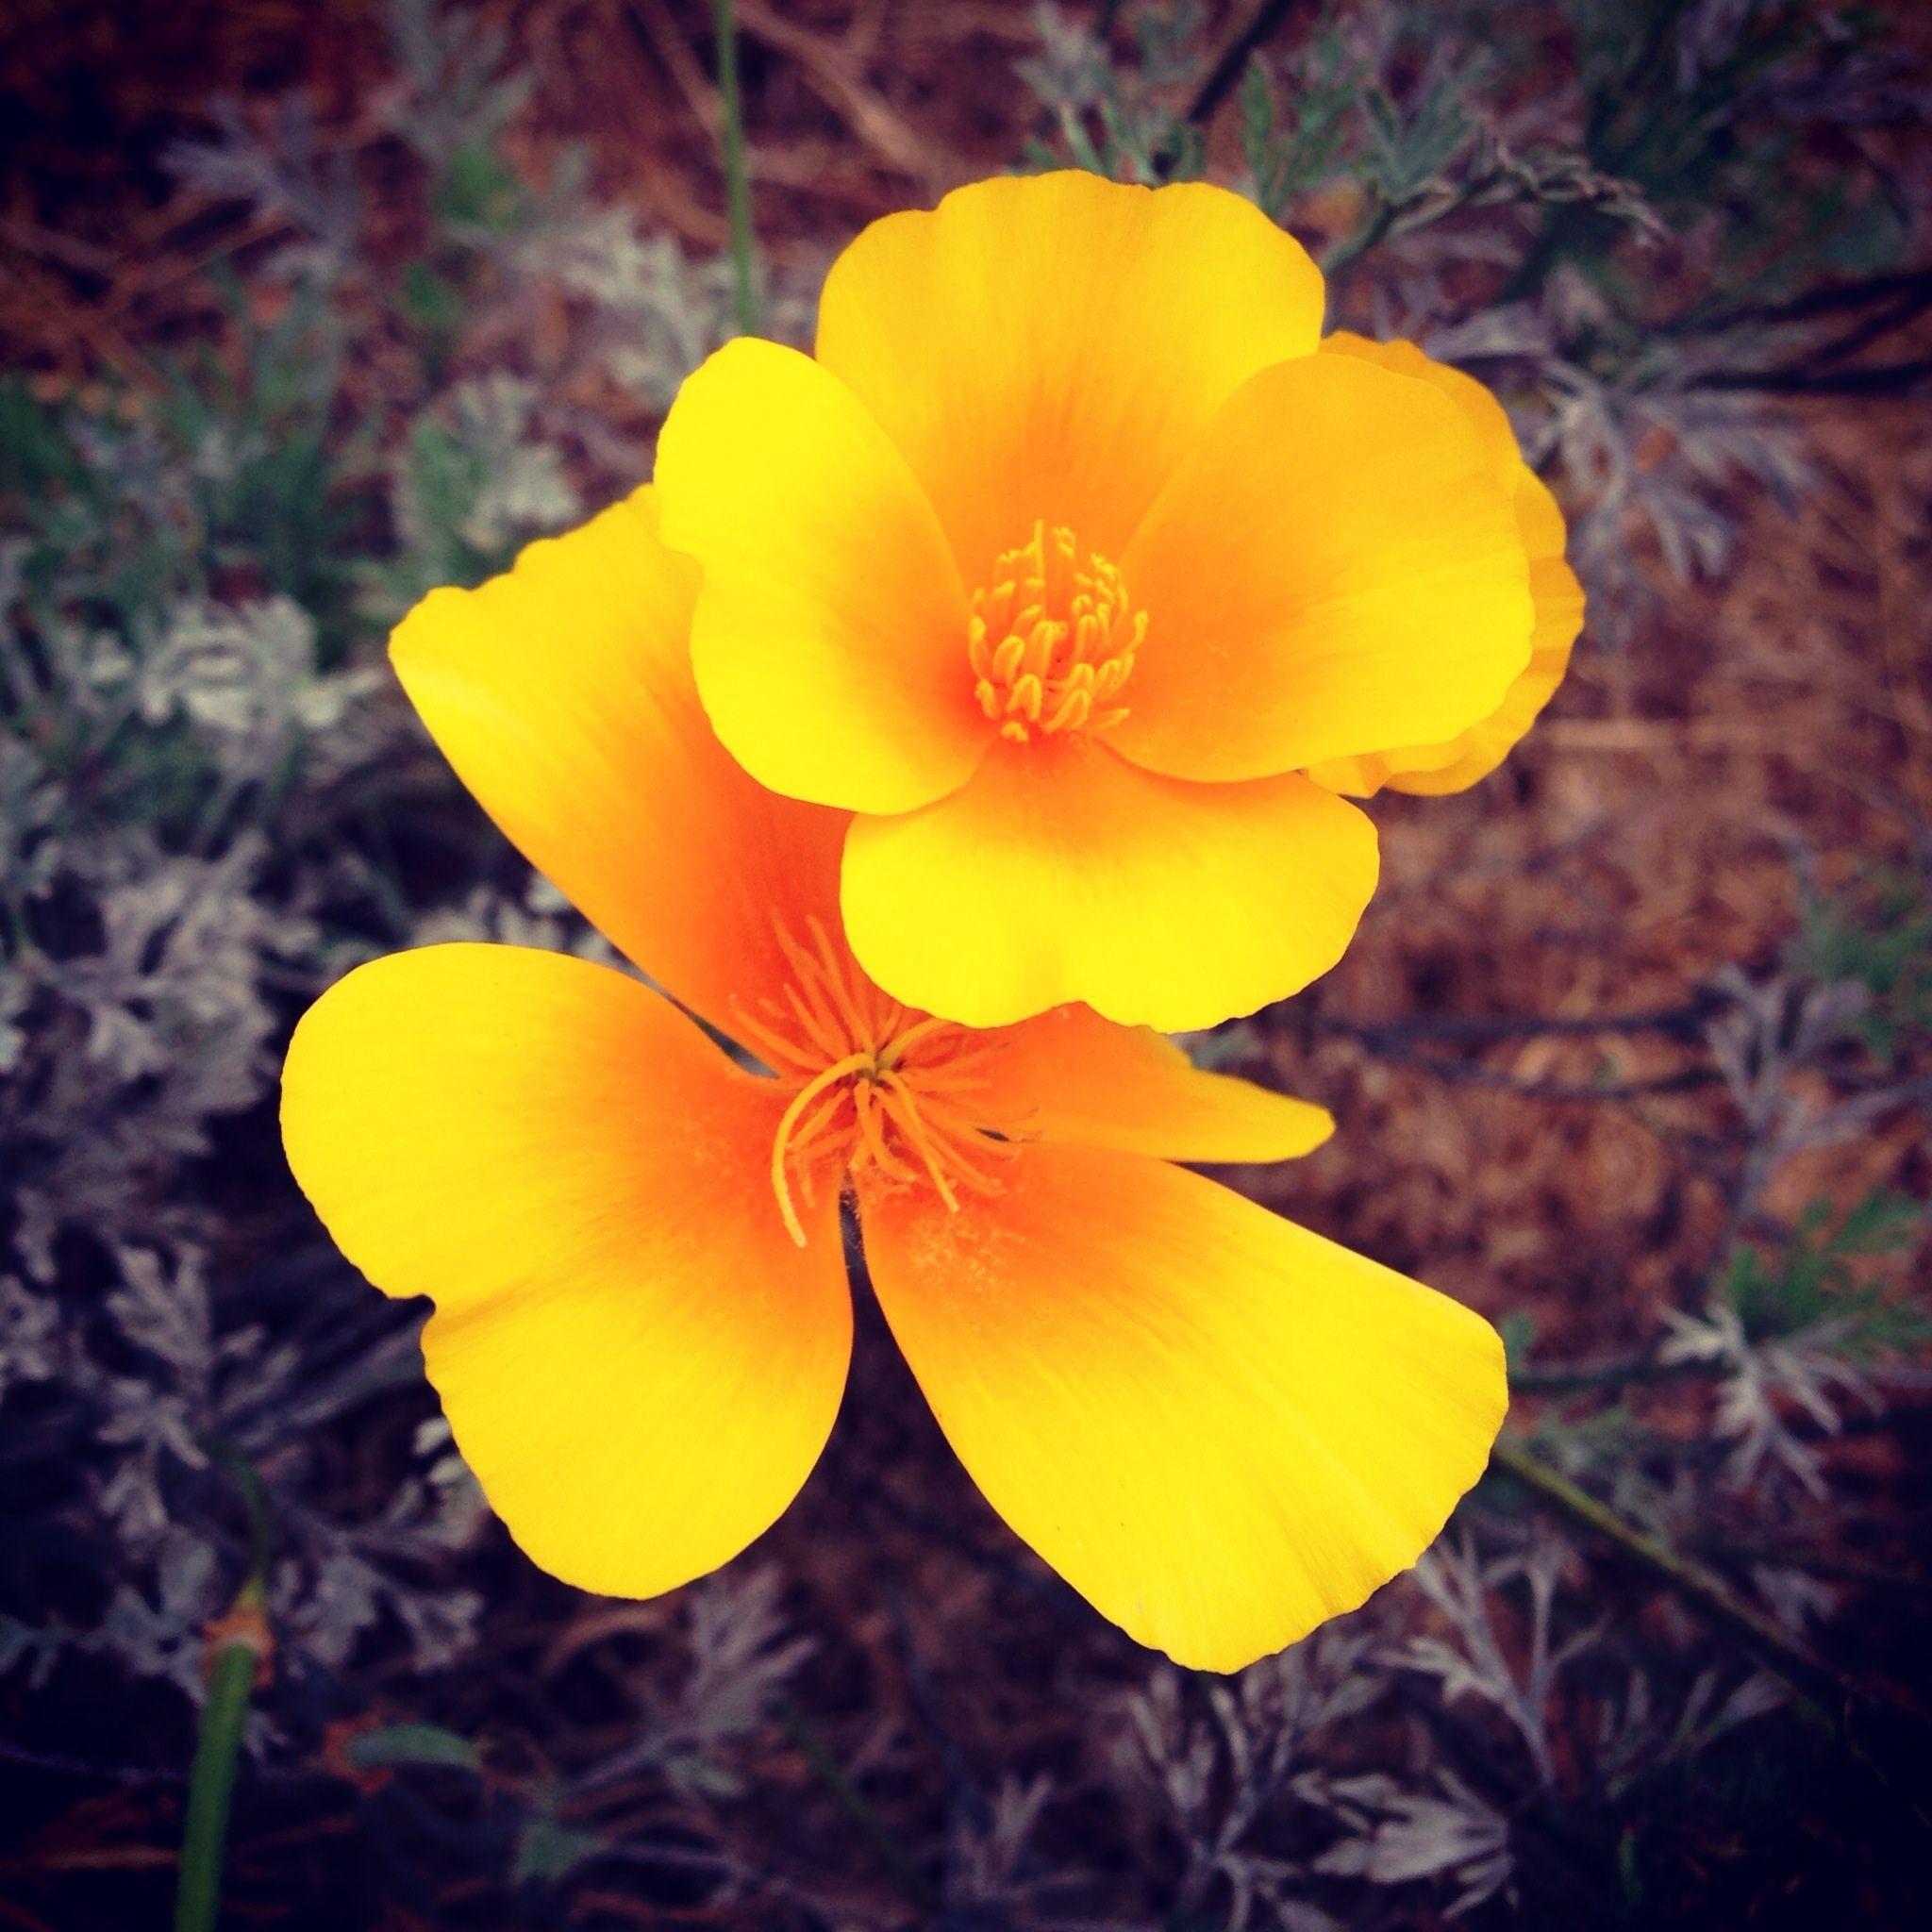 The golden poppy california state flower for my tattoo tattoos the golden poppy california state flower for my tattoo mightylinksfo